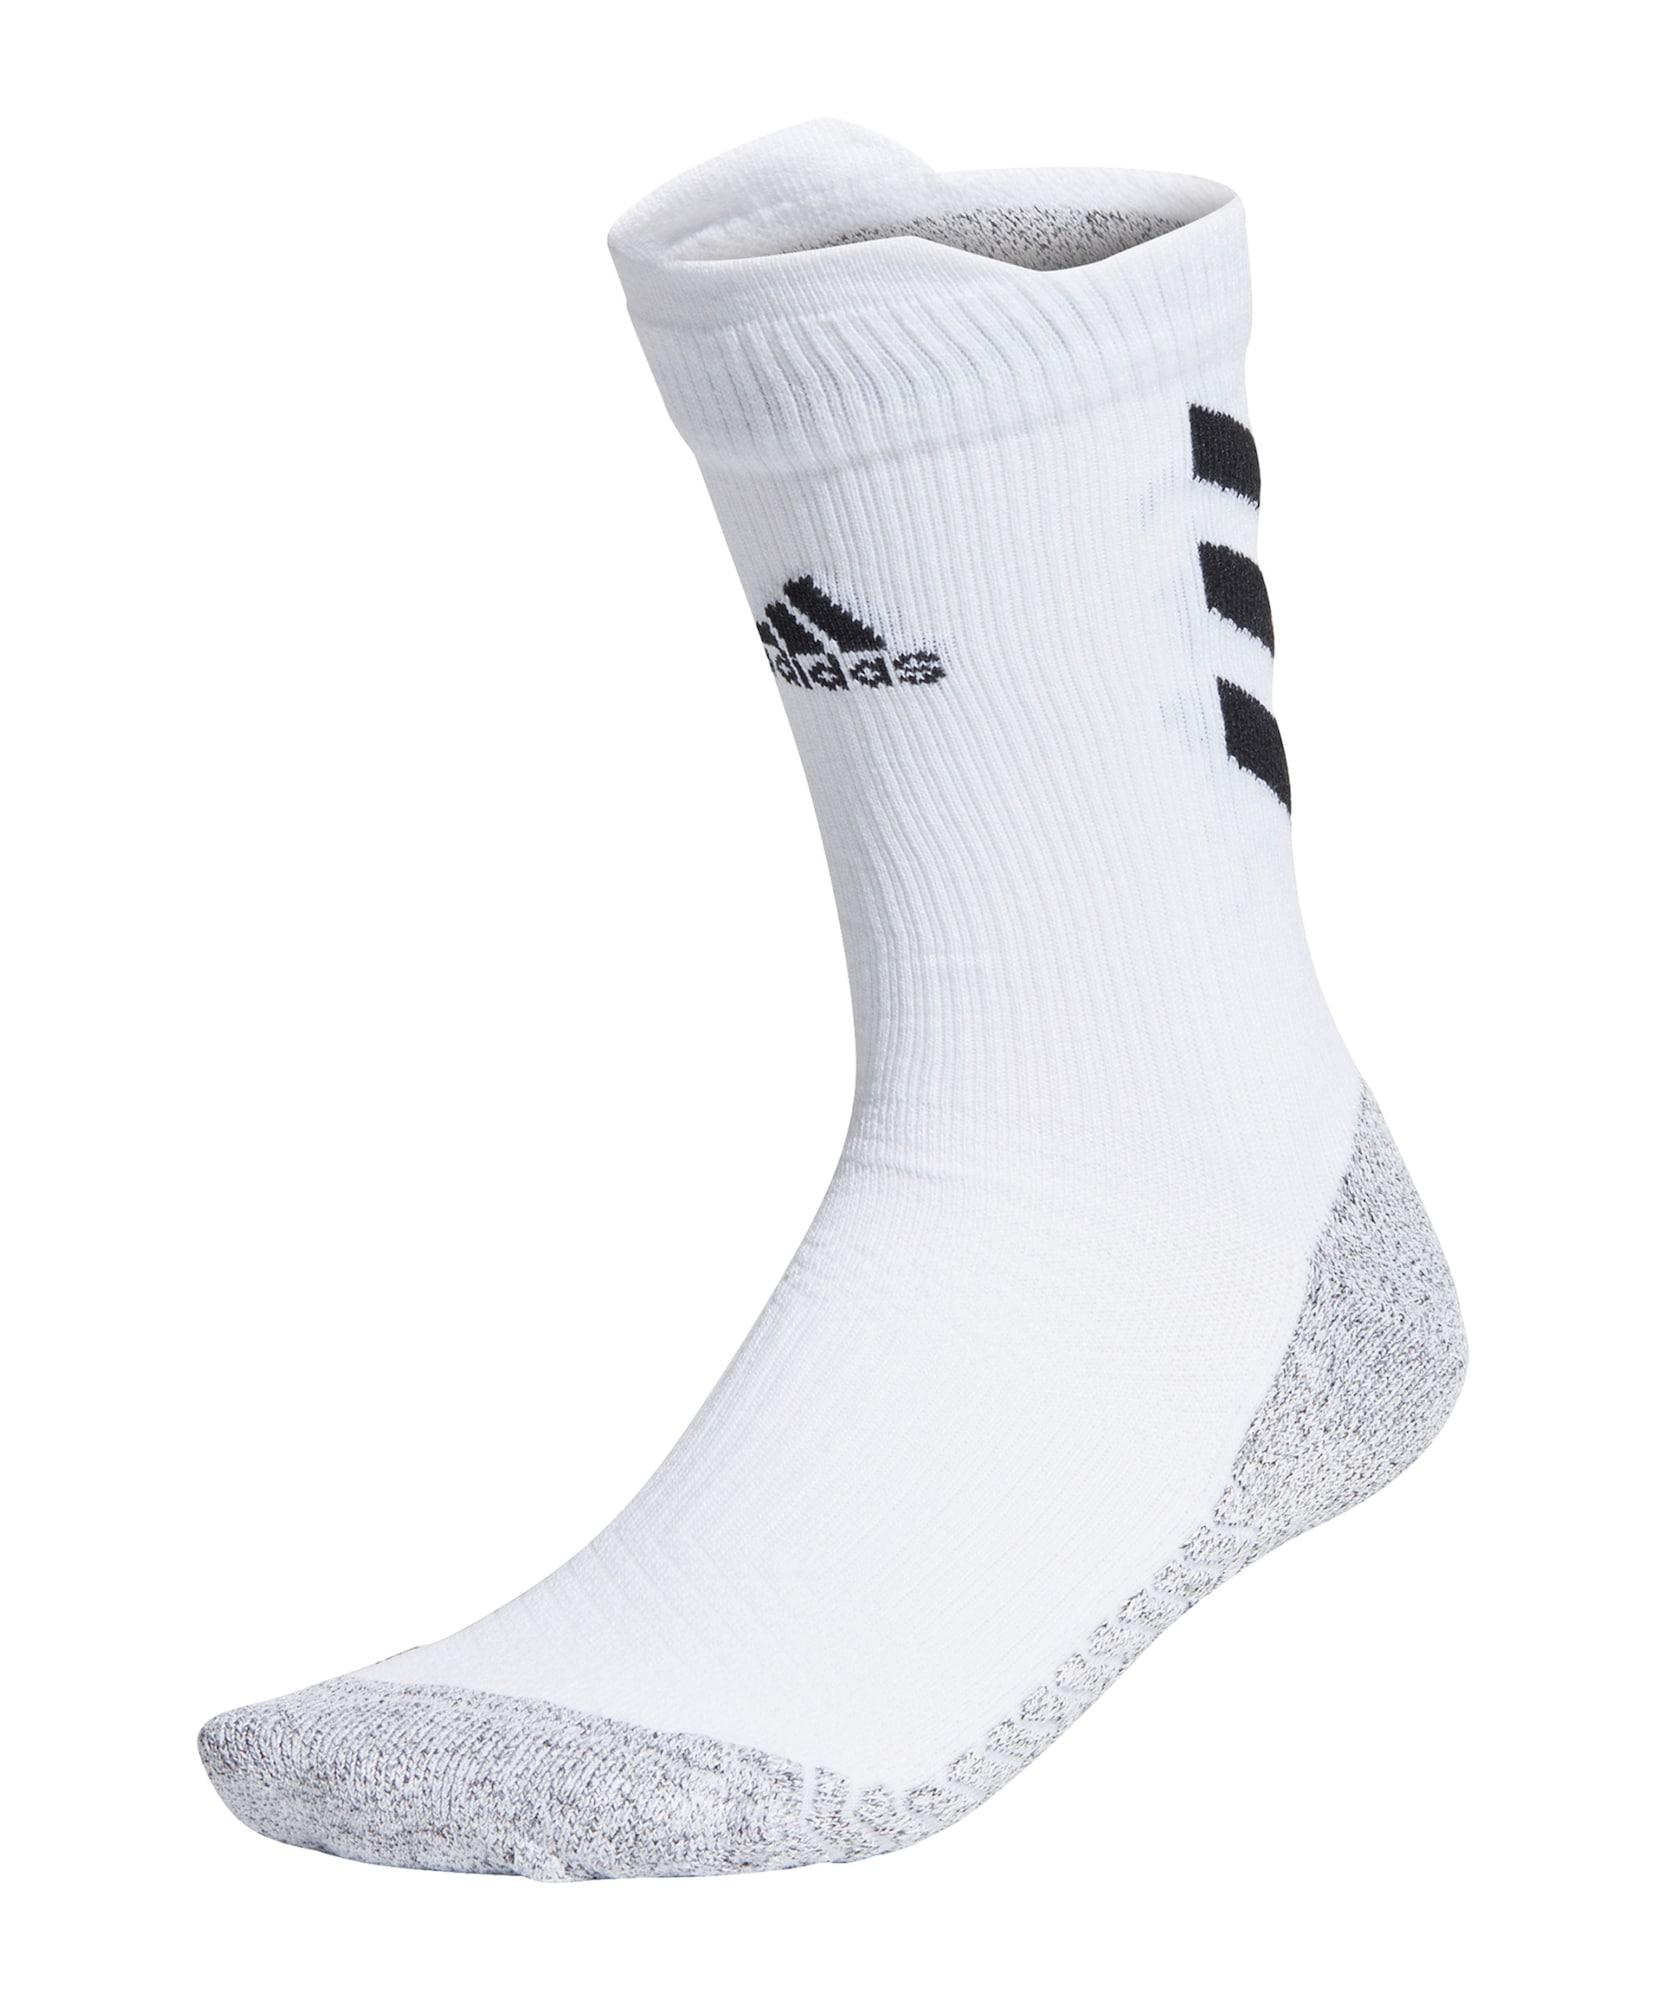 ADIDAS PERFORMANCE Sportinės kojinės balta / pilka / juoda